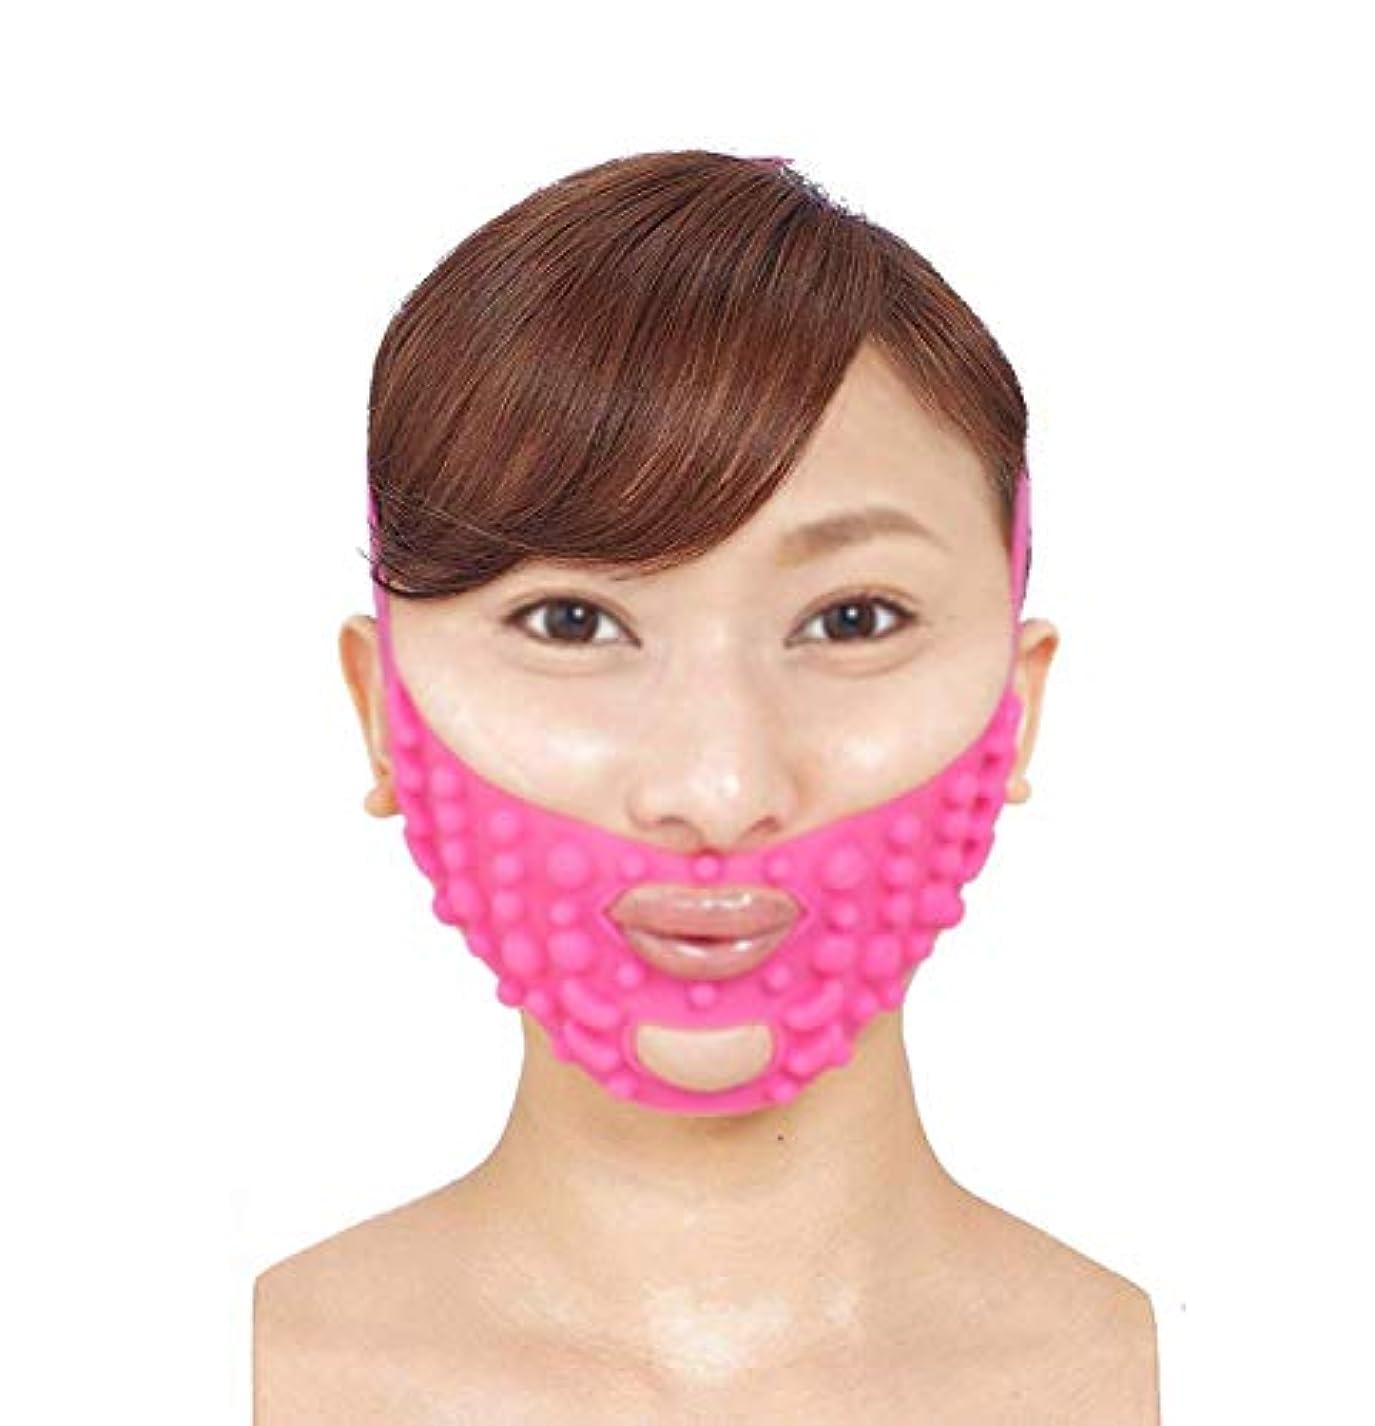 まともな呼び出す官僚フェイシャルマスク、フェイスリフティングアーティファクトフェイスマスク垂れ顔SサイズVフェイス包帯通気性スリーピングフェイスダブルチンチンセットスリープ弾性スリミングベルト